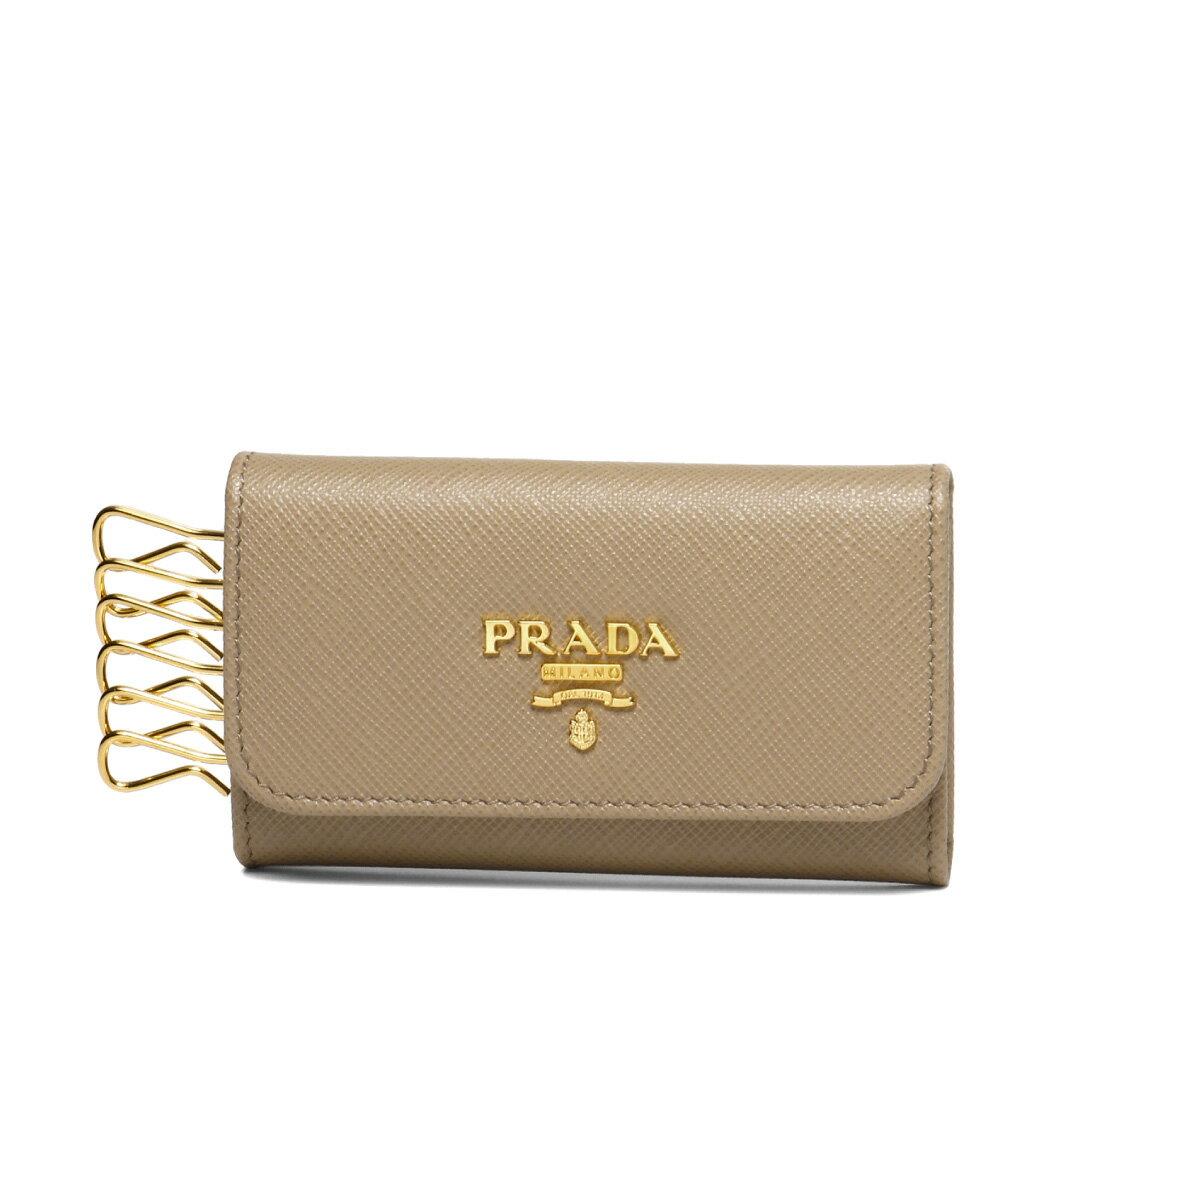 プラダ PRADA キーケース レディース 1PG222 QWA F0770 SAFFIANO METAL CAMMEO ベージュ